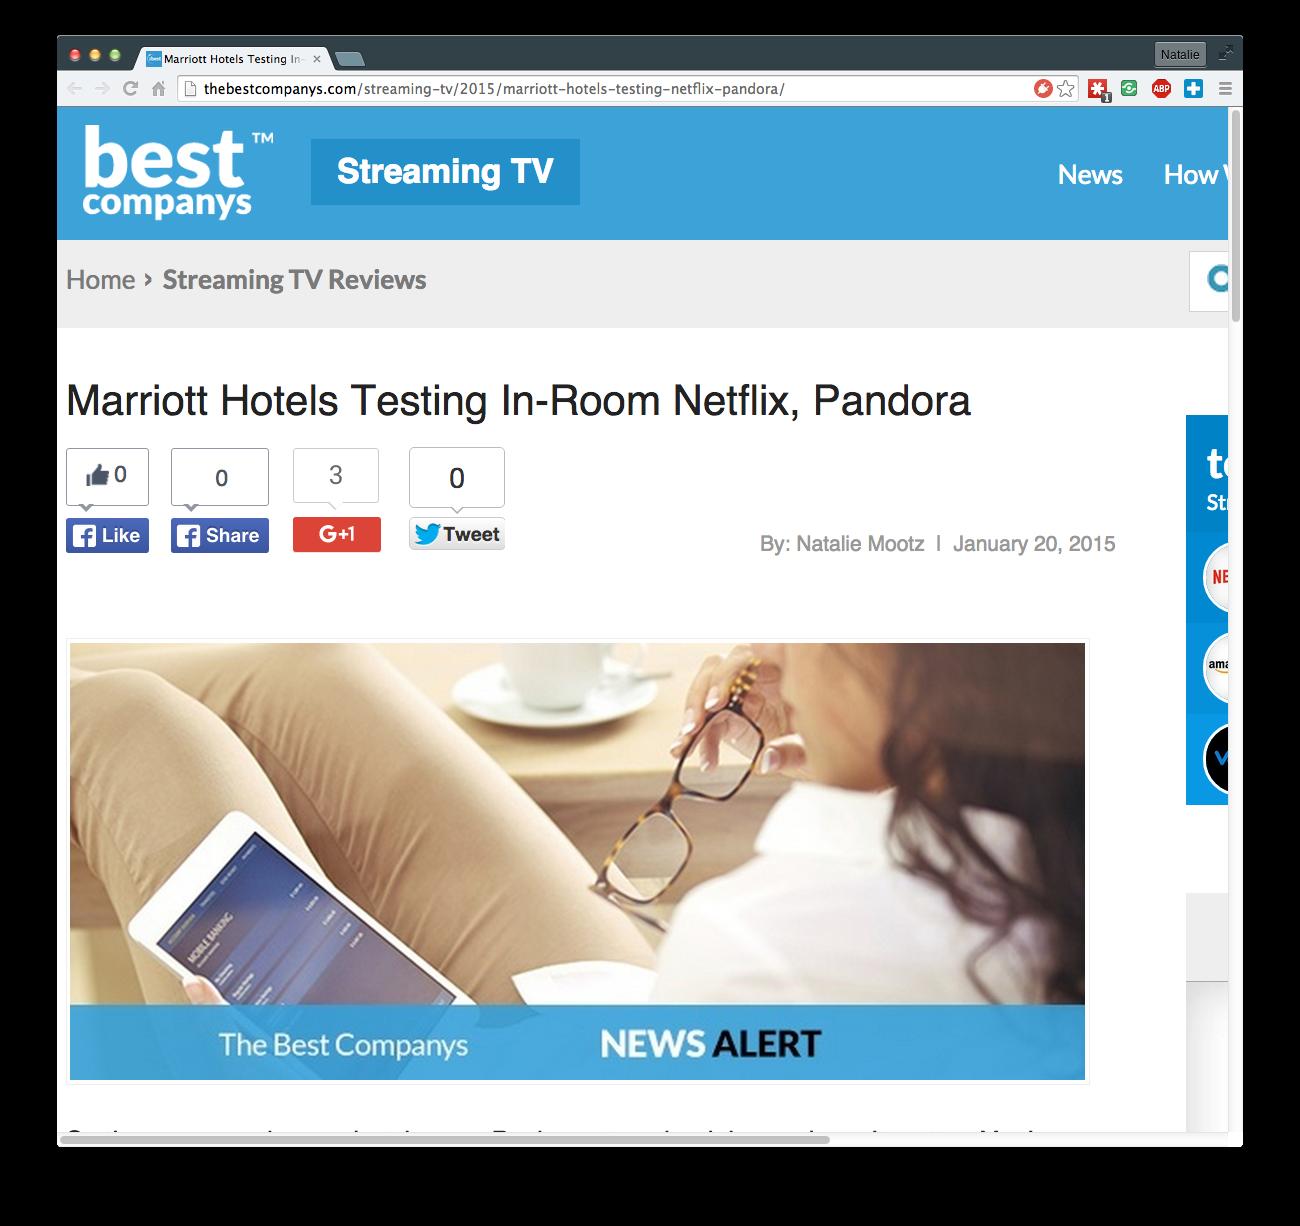 Marriott Hotels Testing In-Room Netflix, Pandora